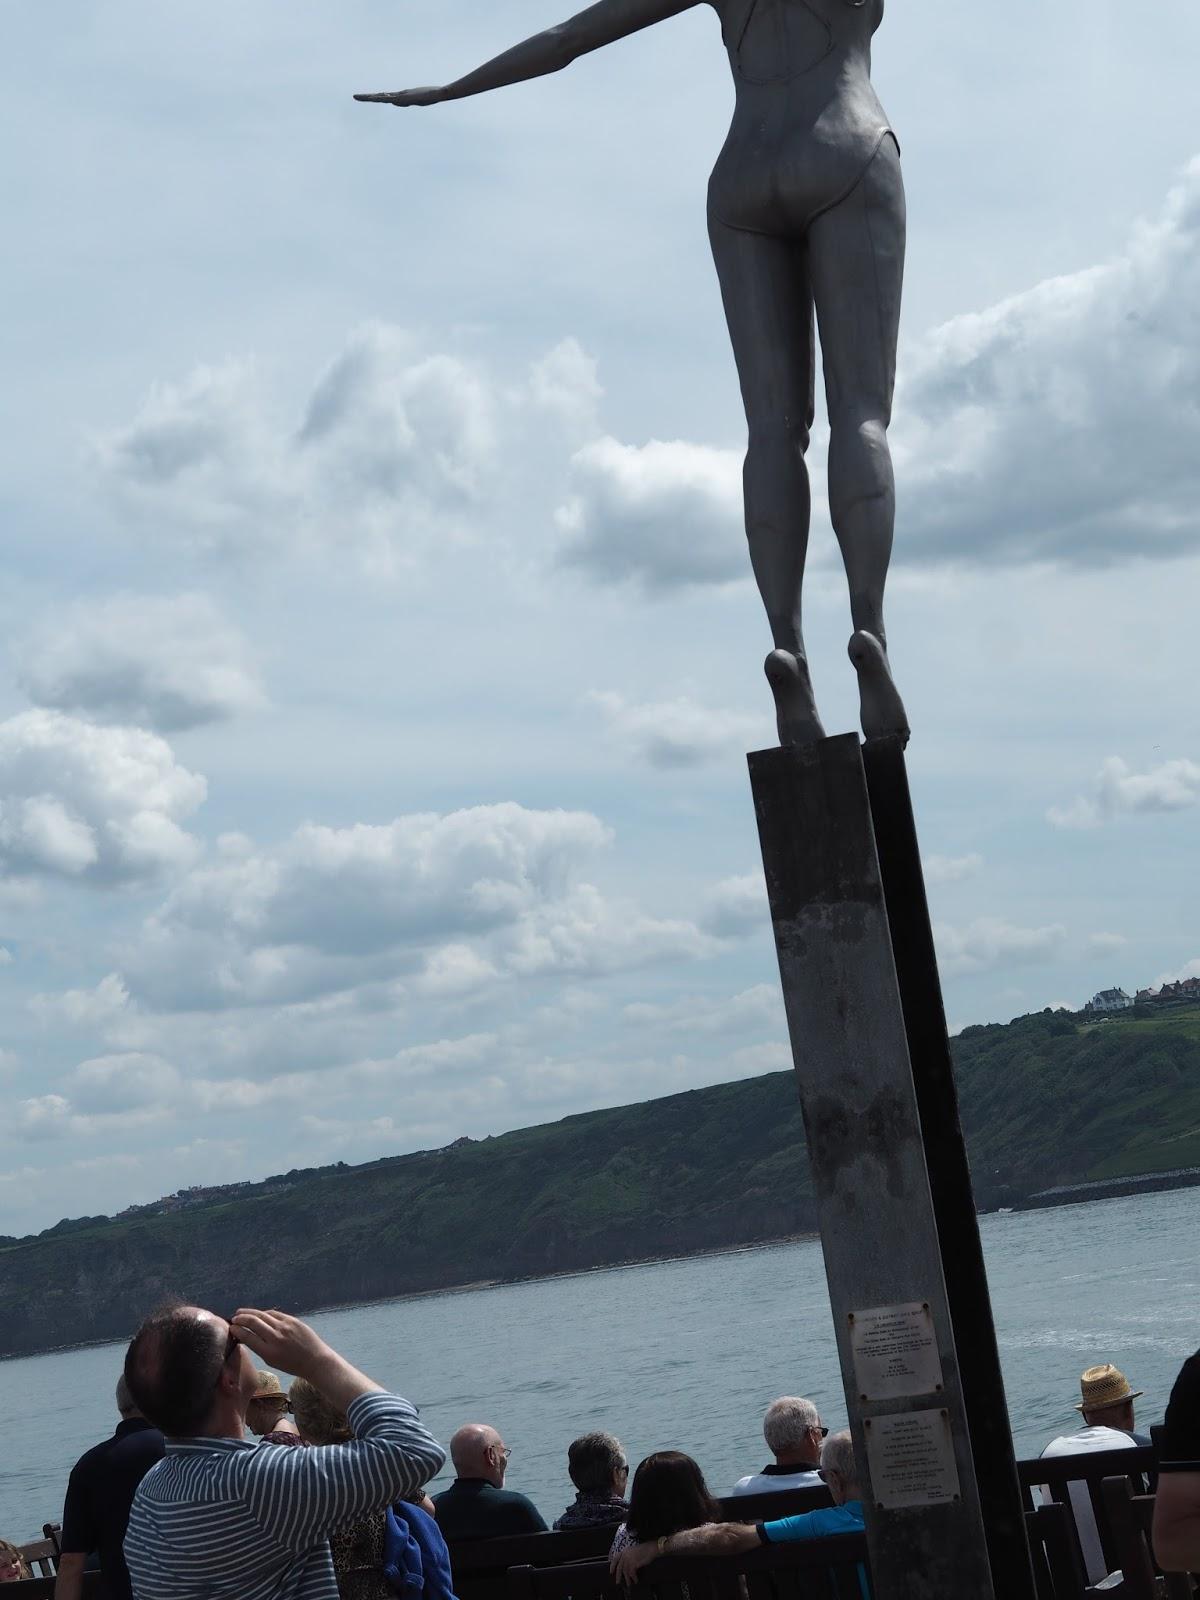 Diving Belle, diving statue, sculpture Vincents Pier, South Bay, Scarborough